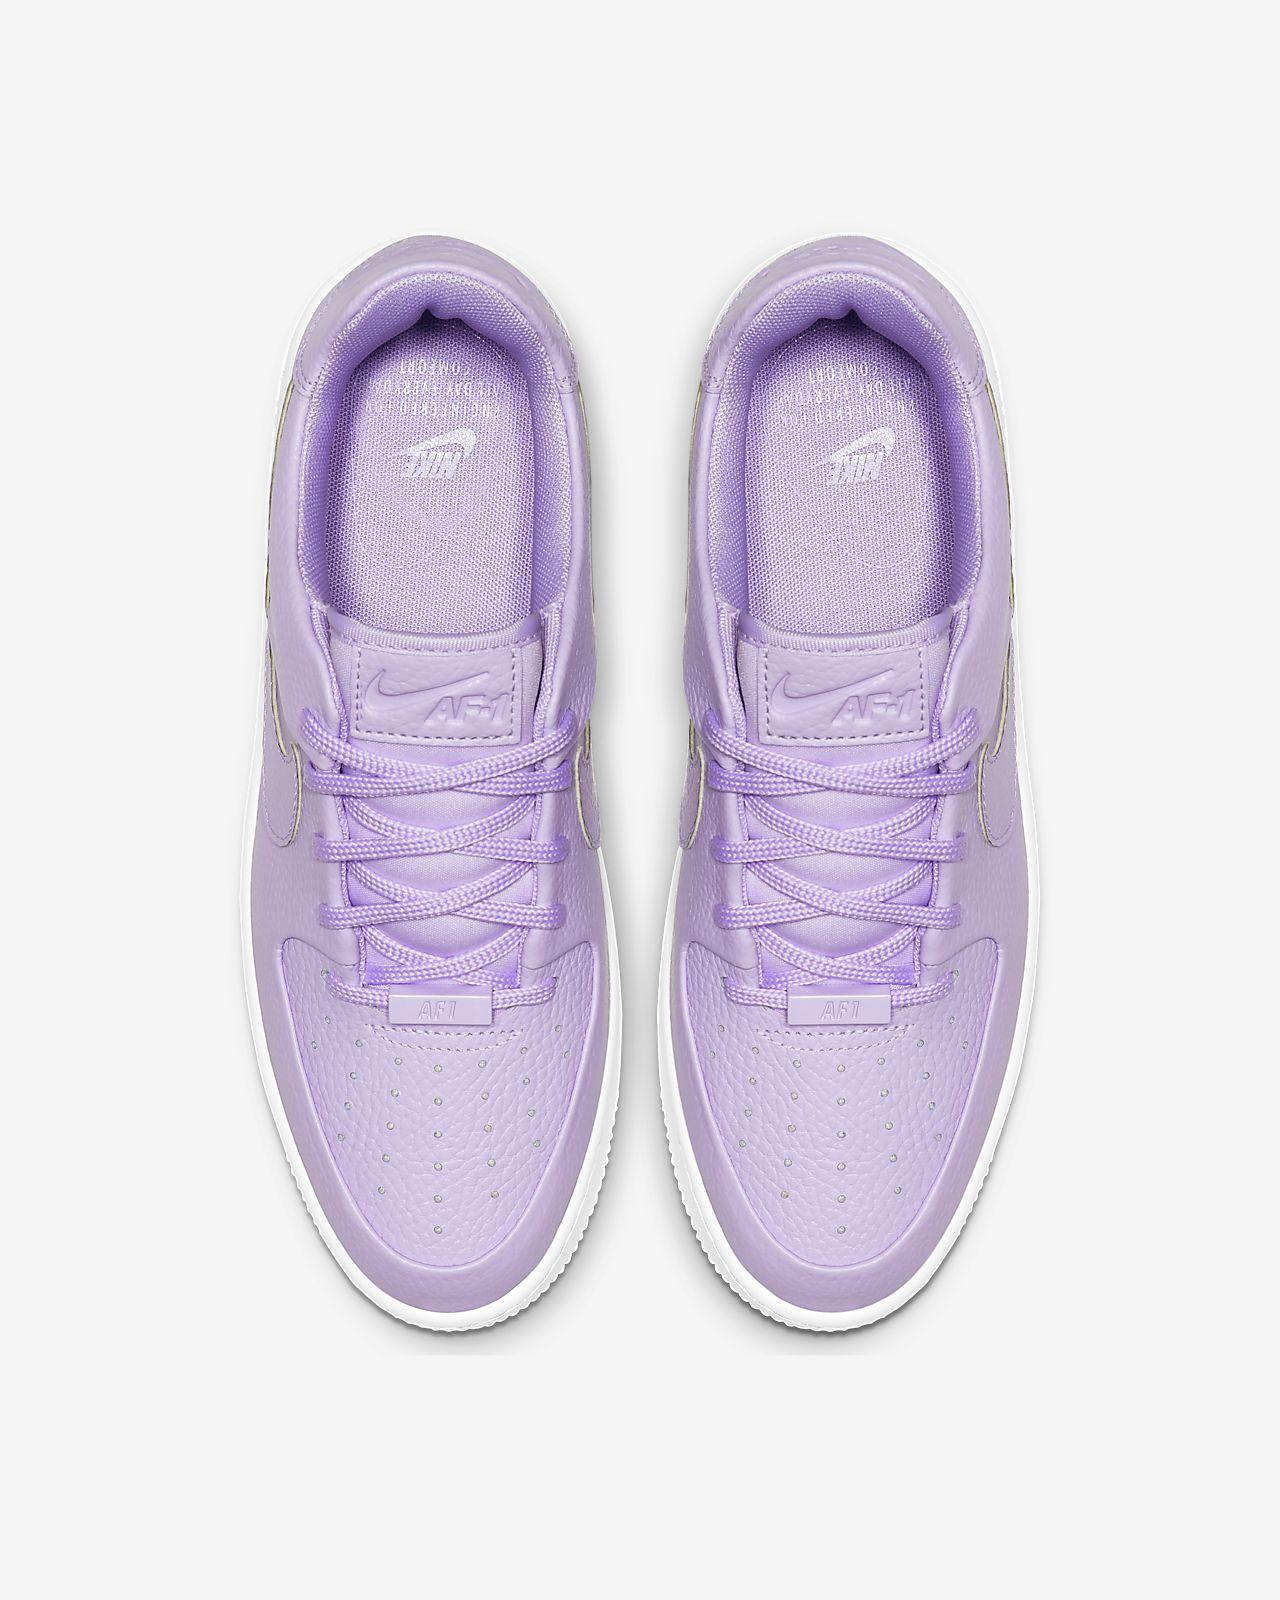 Women's Sage Low Shoe Force Nike 1 Air XPnwk80O